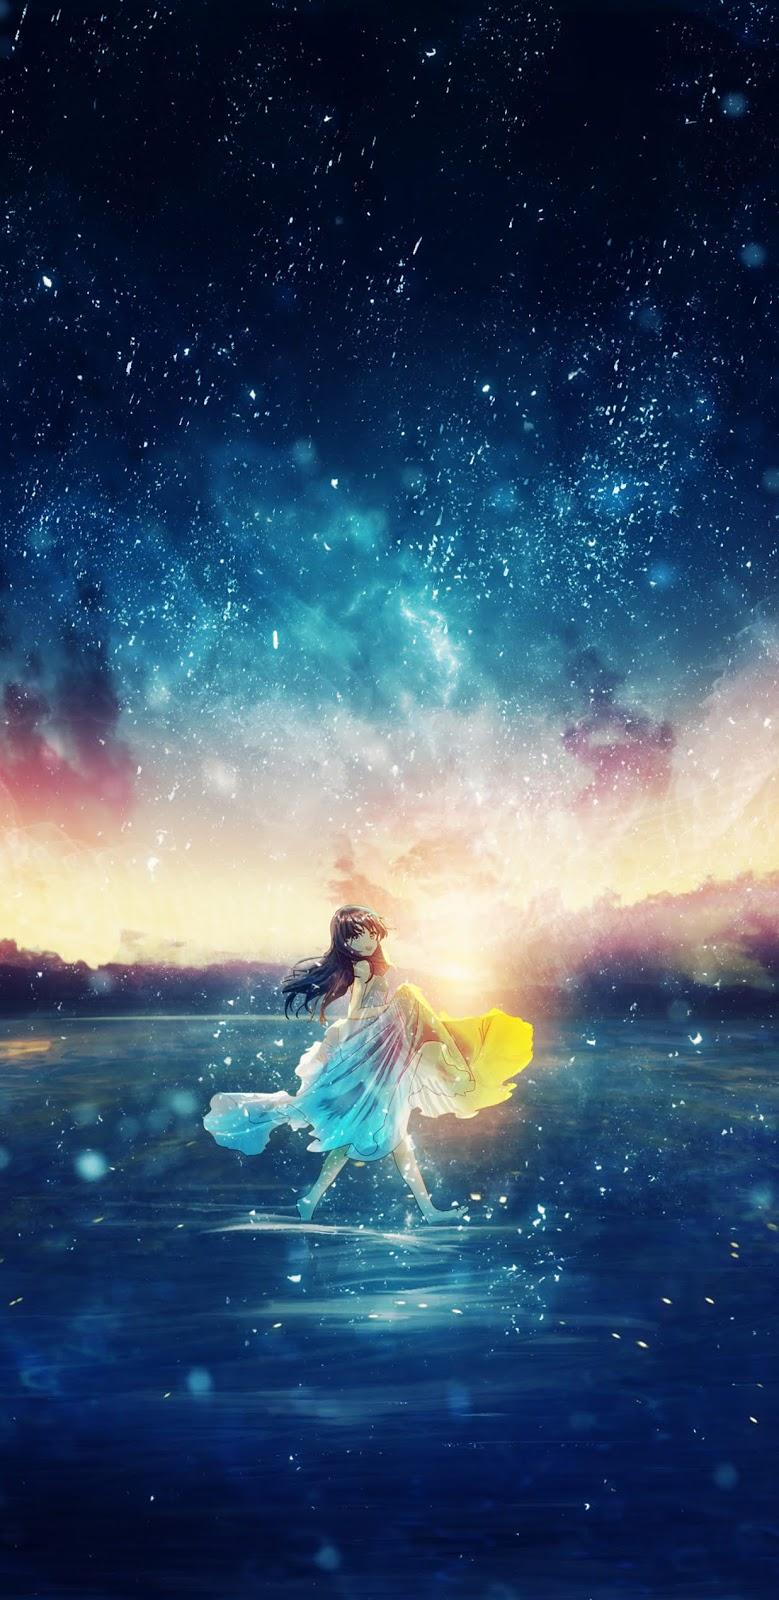 Bầu trời đầy sao giữa hoàng hôn